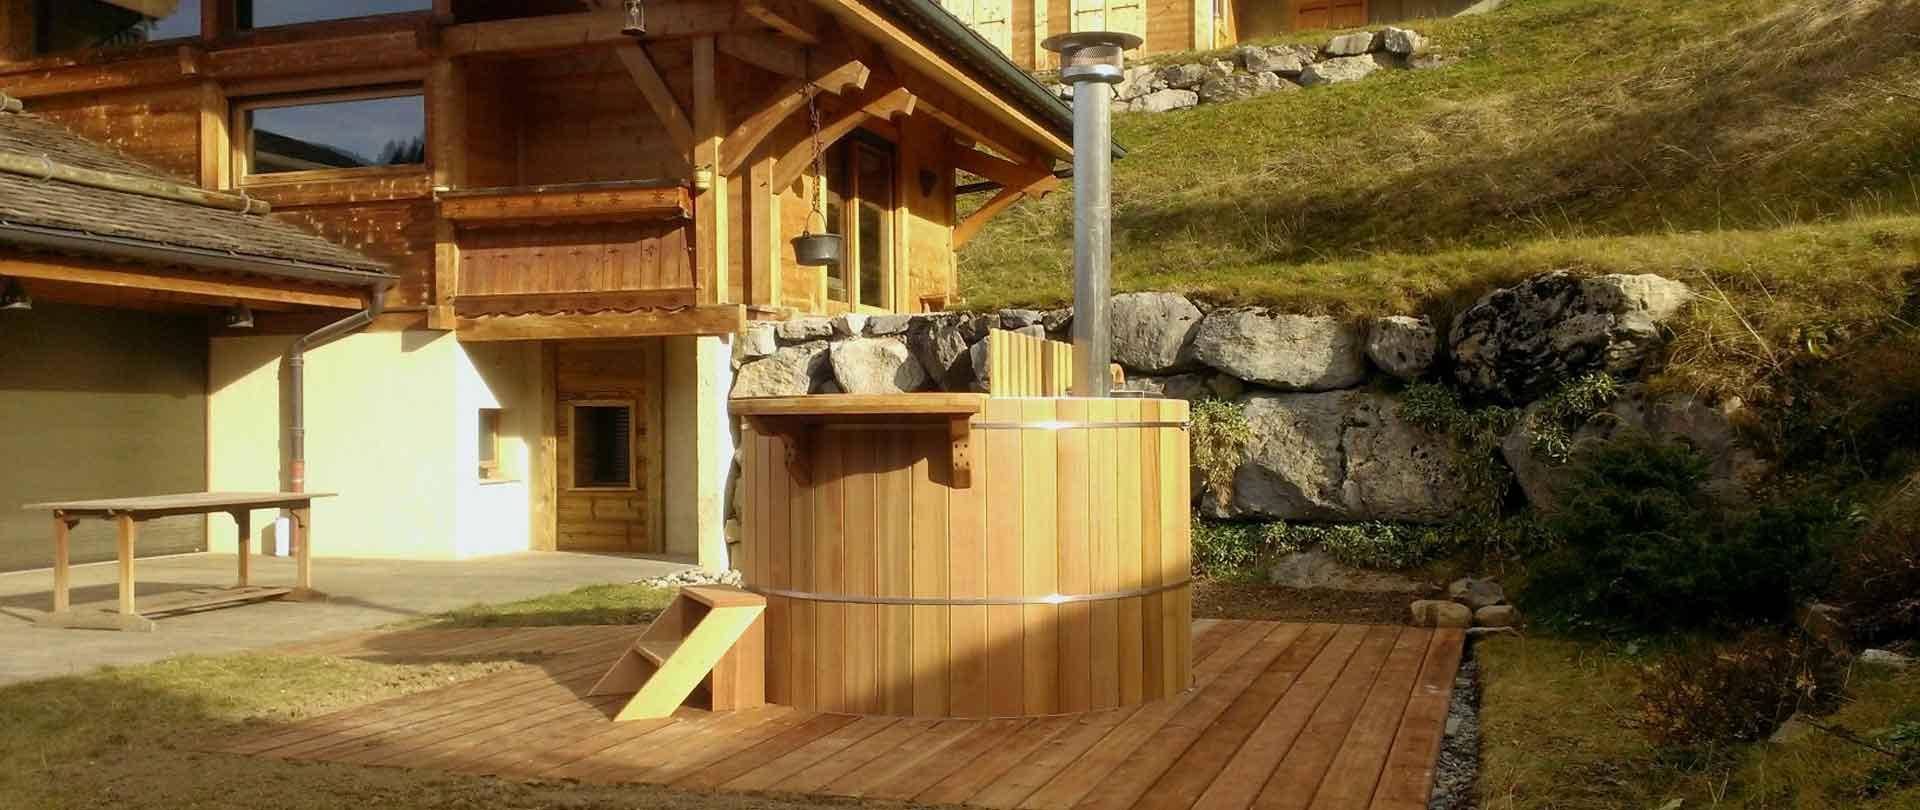 Bain-nordique-scandinave-bois-Annecy